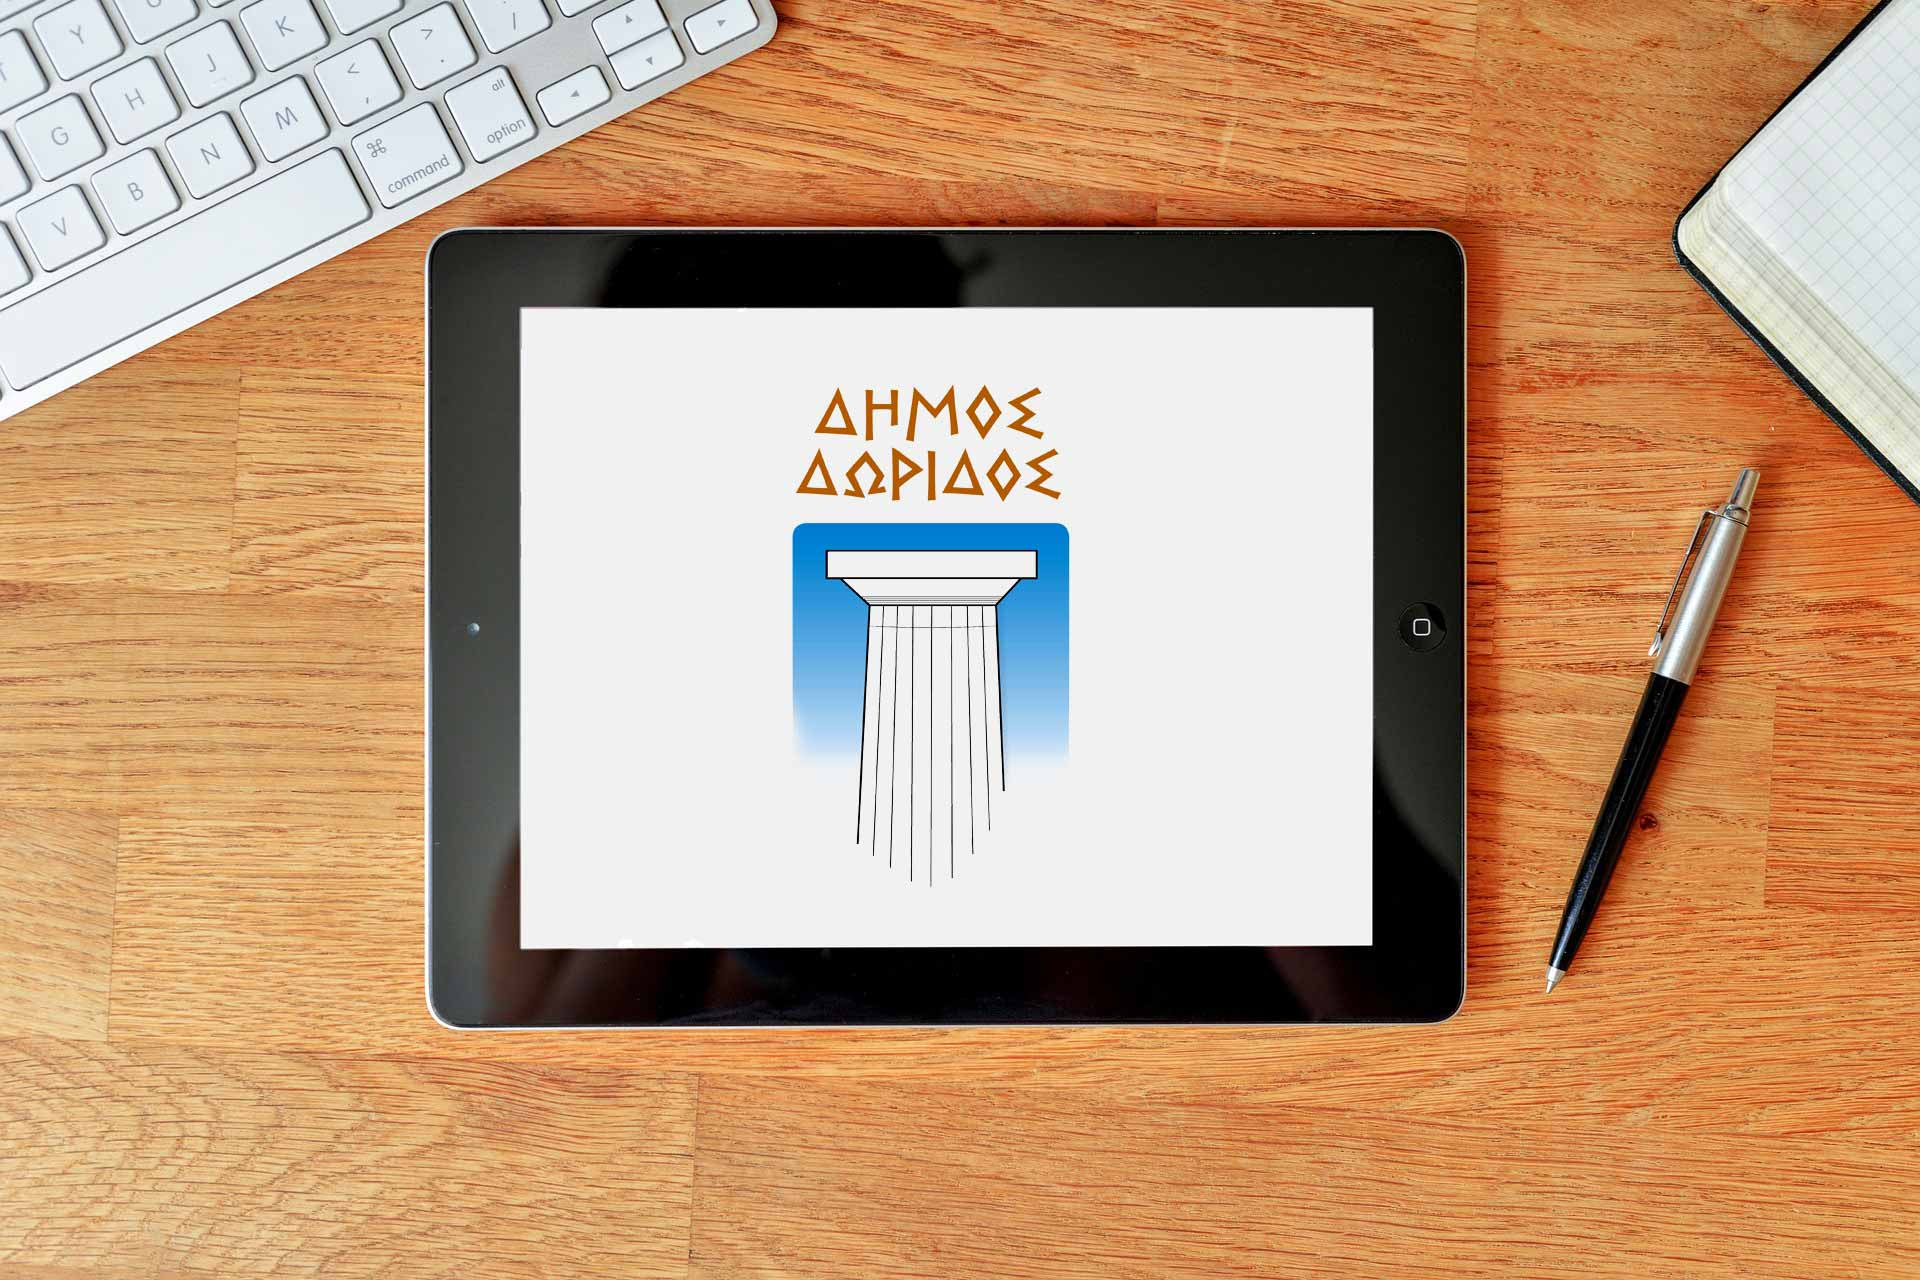 tablet Dorida Δήμος Δωρίδος